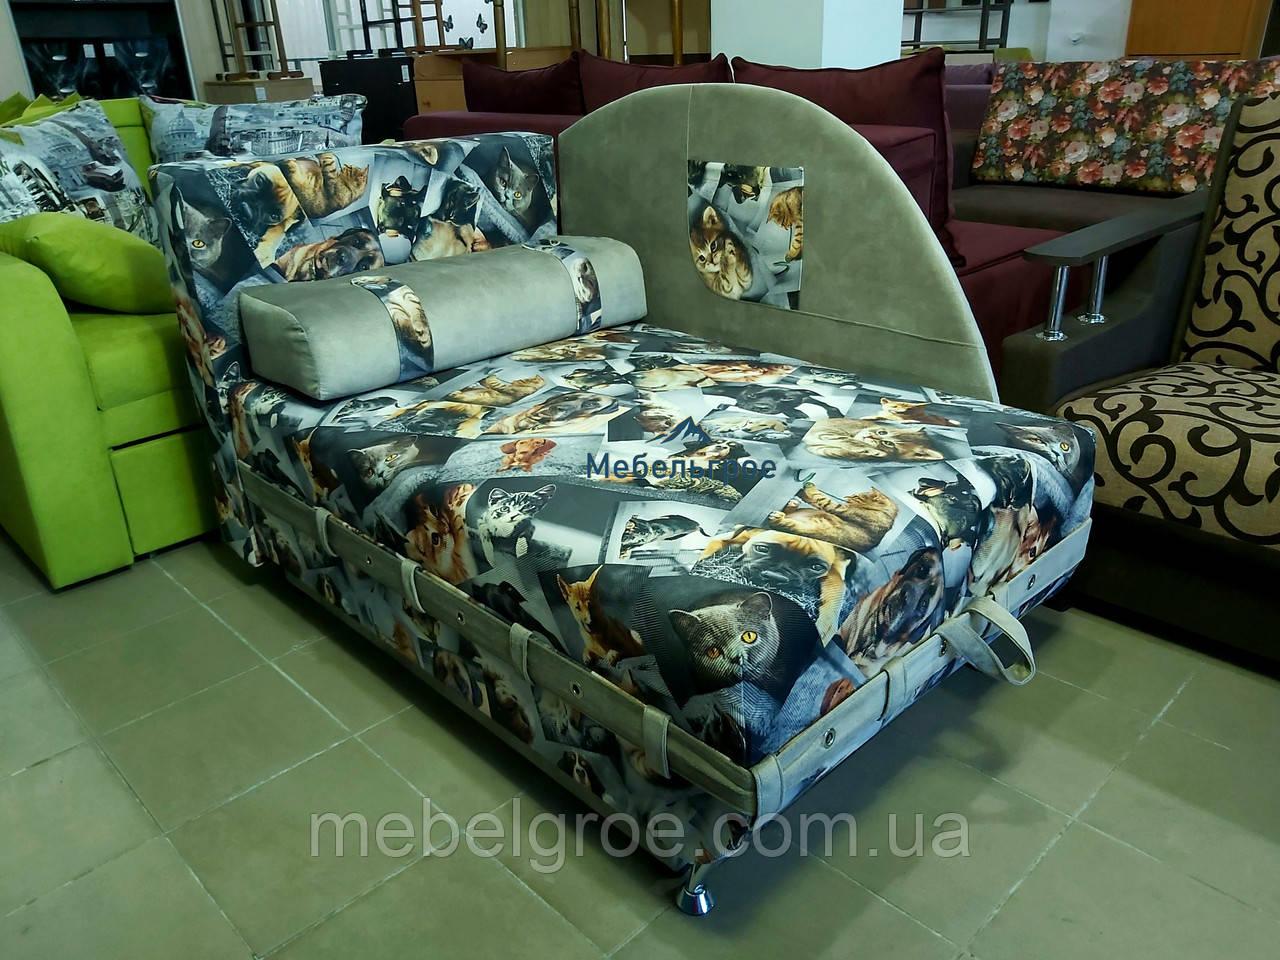 Детский диван Малыш тм Ваша Мебель